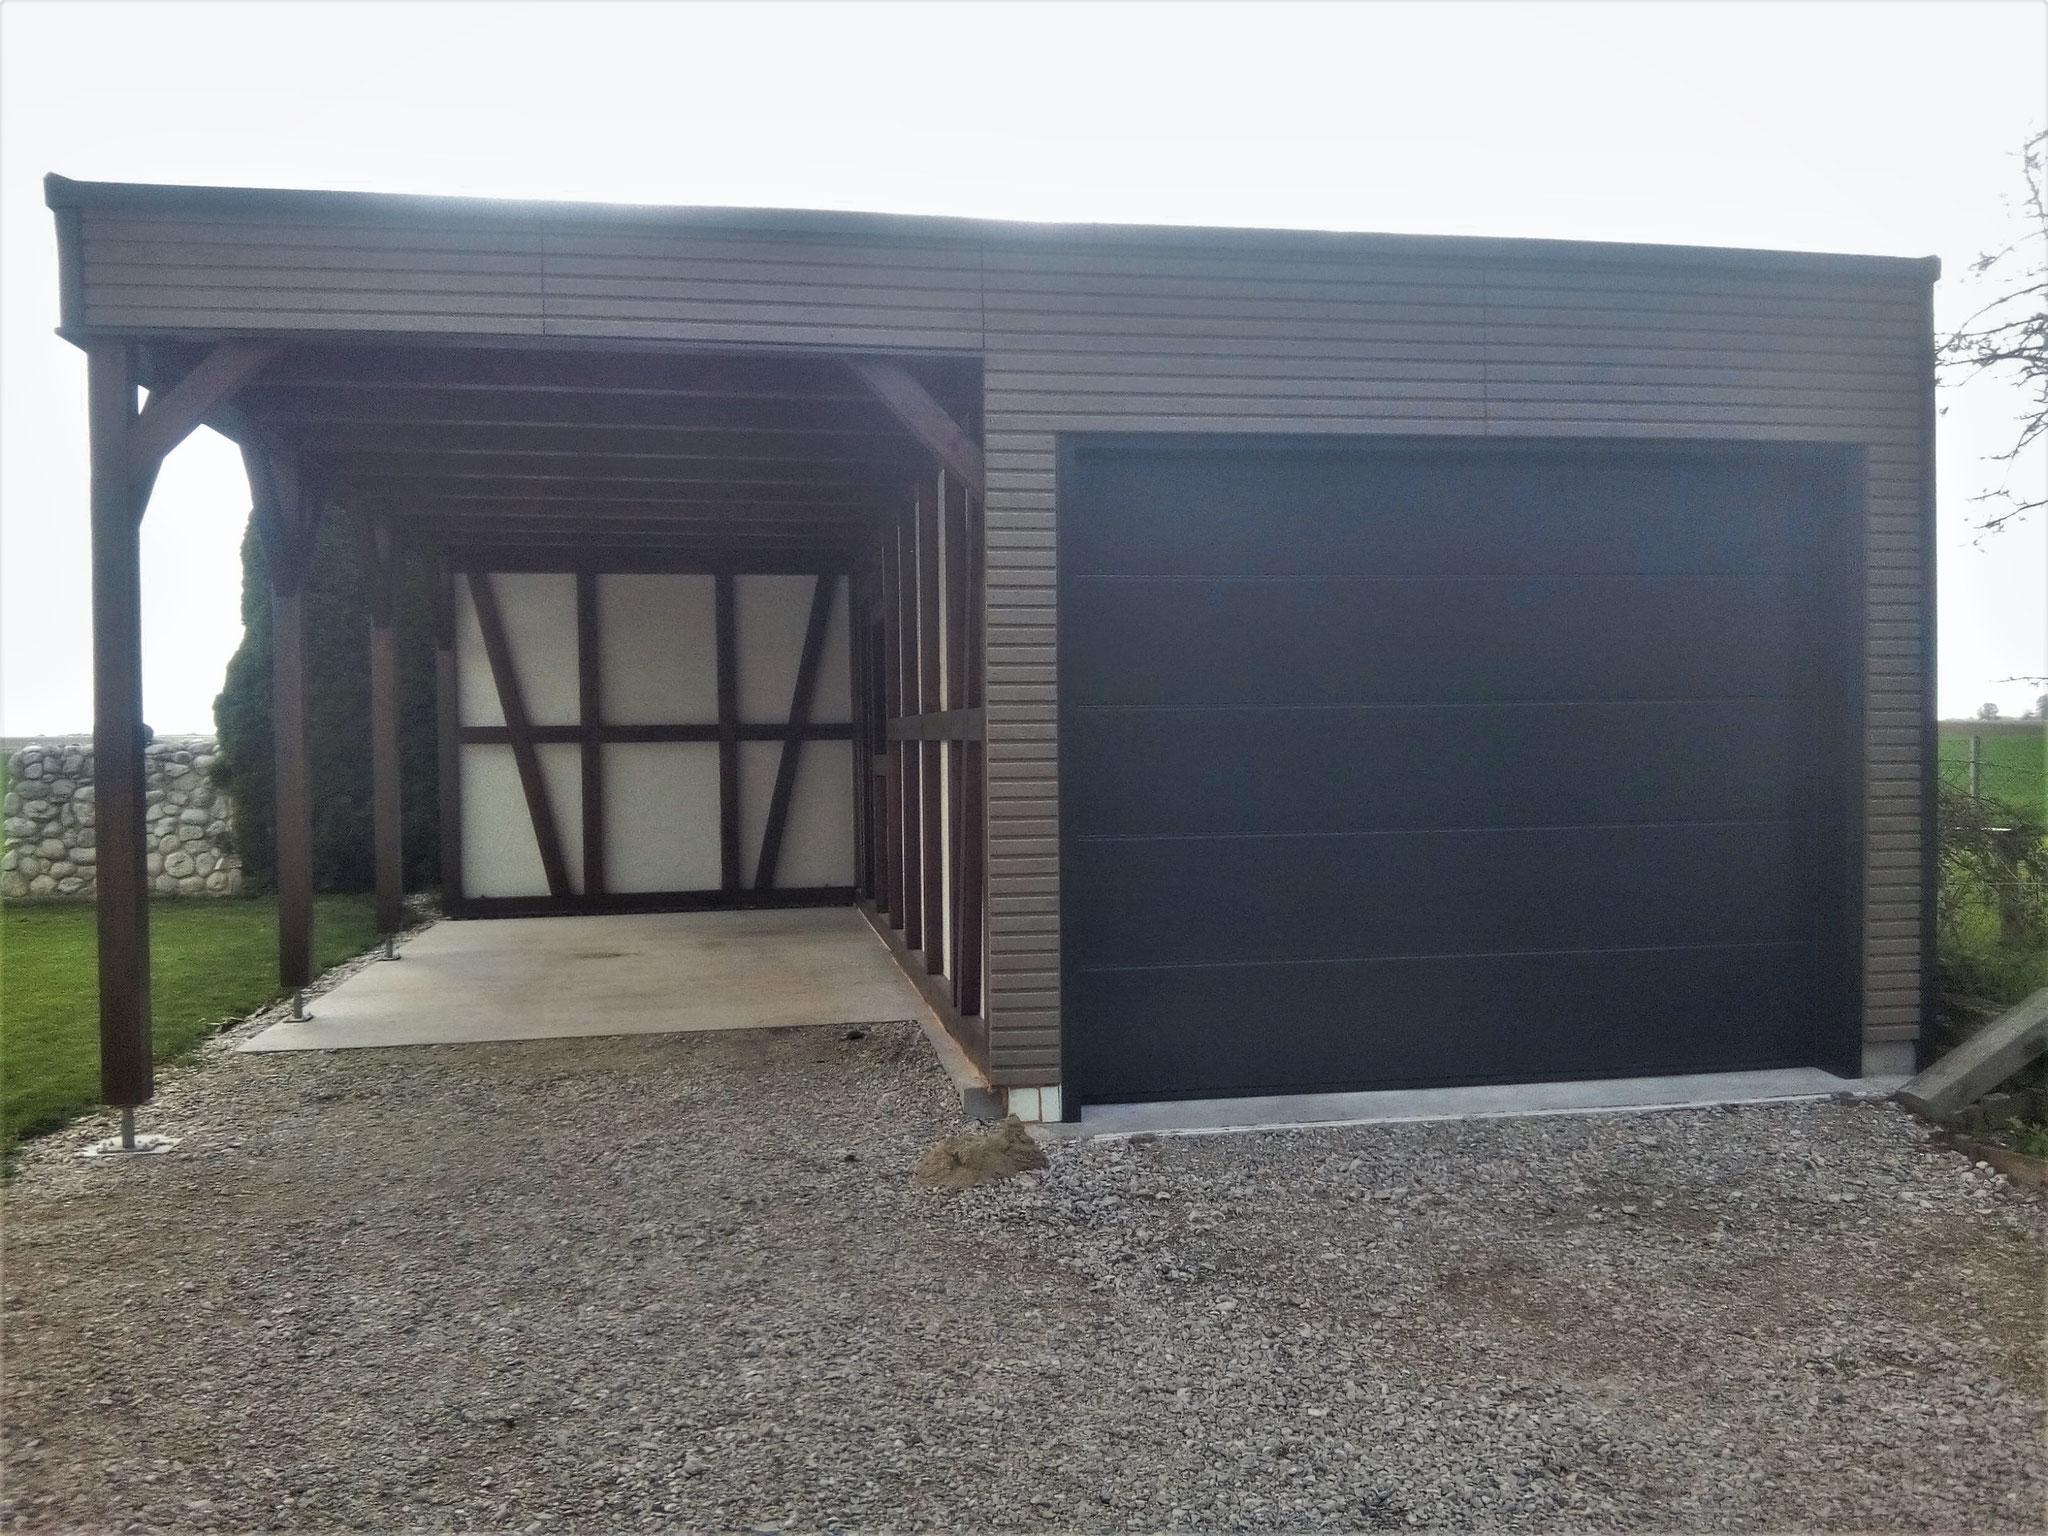 Carport im Fachwerkstil & Garage mit einer Fassade aus Rhombusschalung